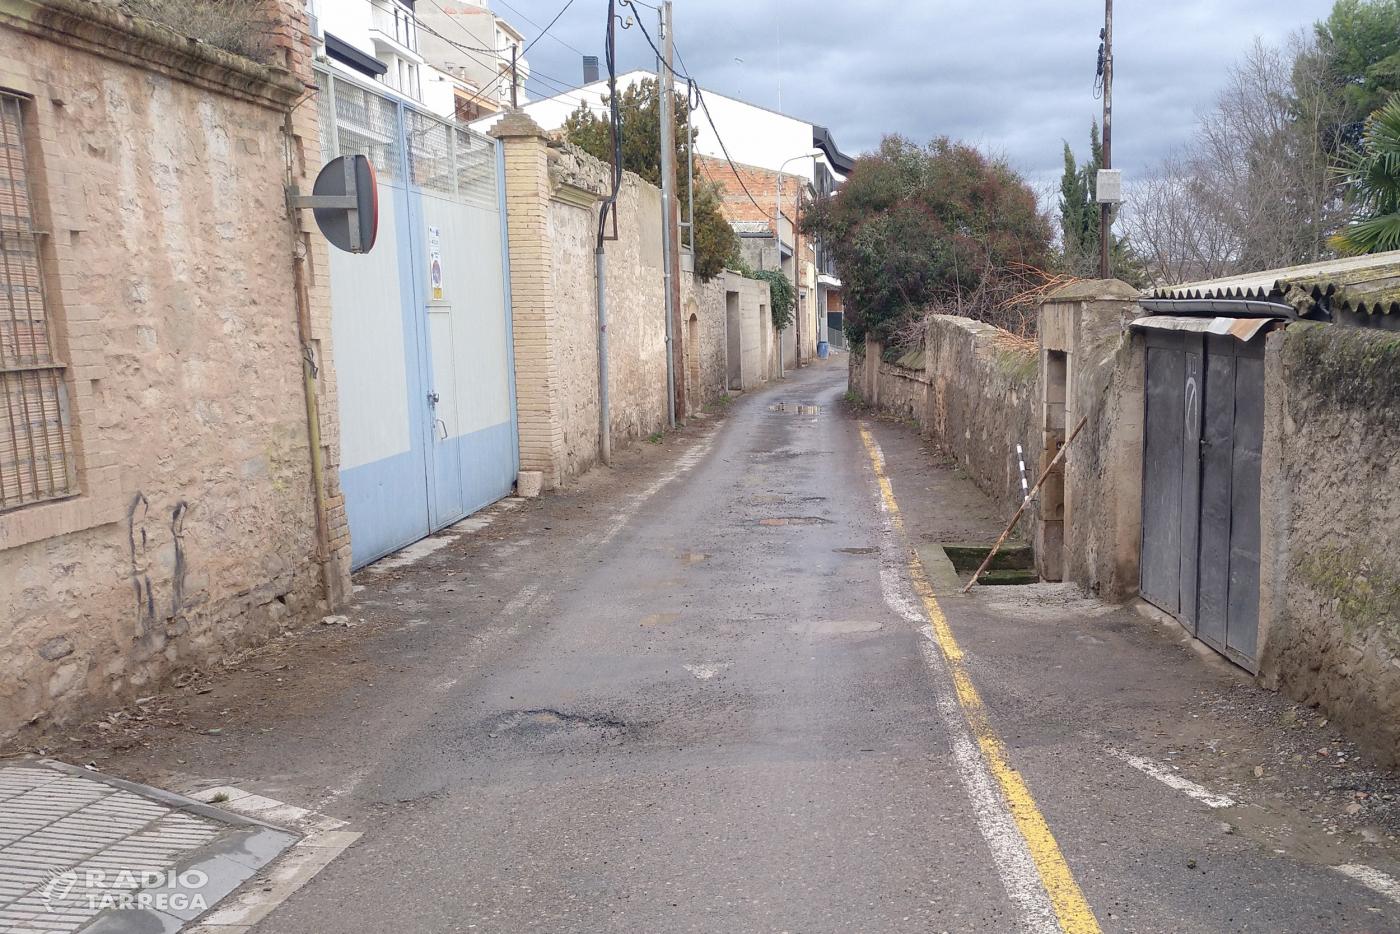 L'Ajuntament de Tàrrega treu a concurs els treballs de millora del carrer de les Astes de Sant Macari